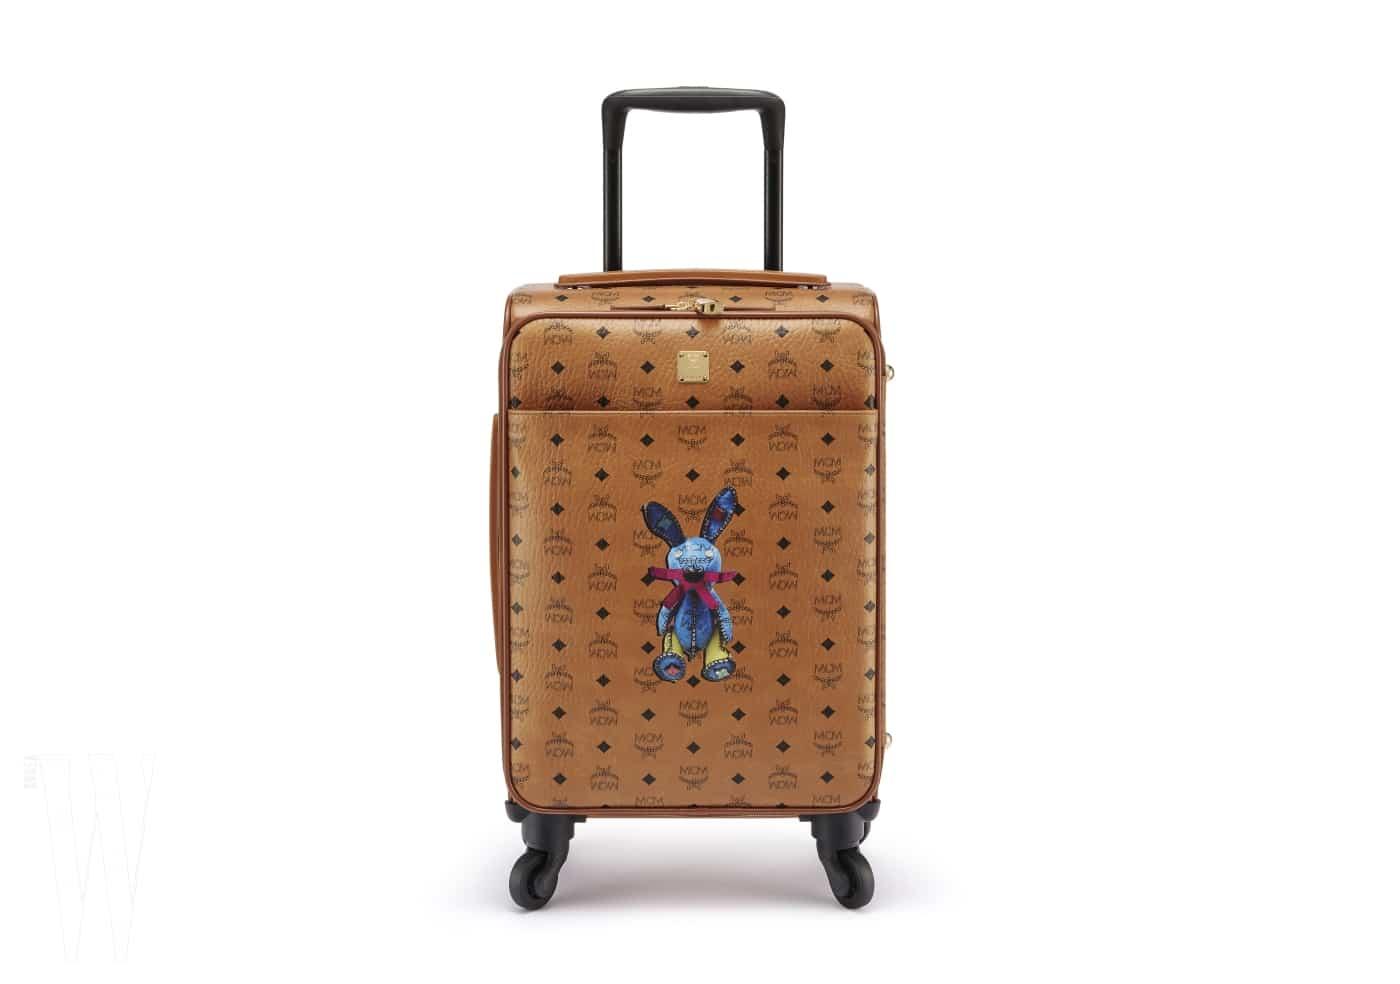 3 앙증맞은 토끼가 인상적인 가죽 소재의 러기지 백은 MCM 제품. 1백55만원.